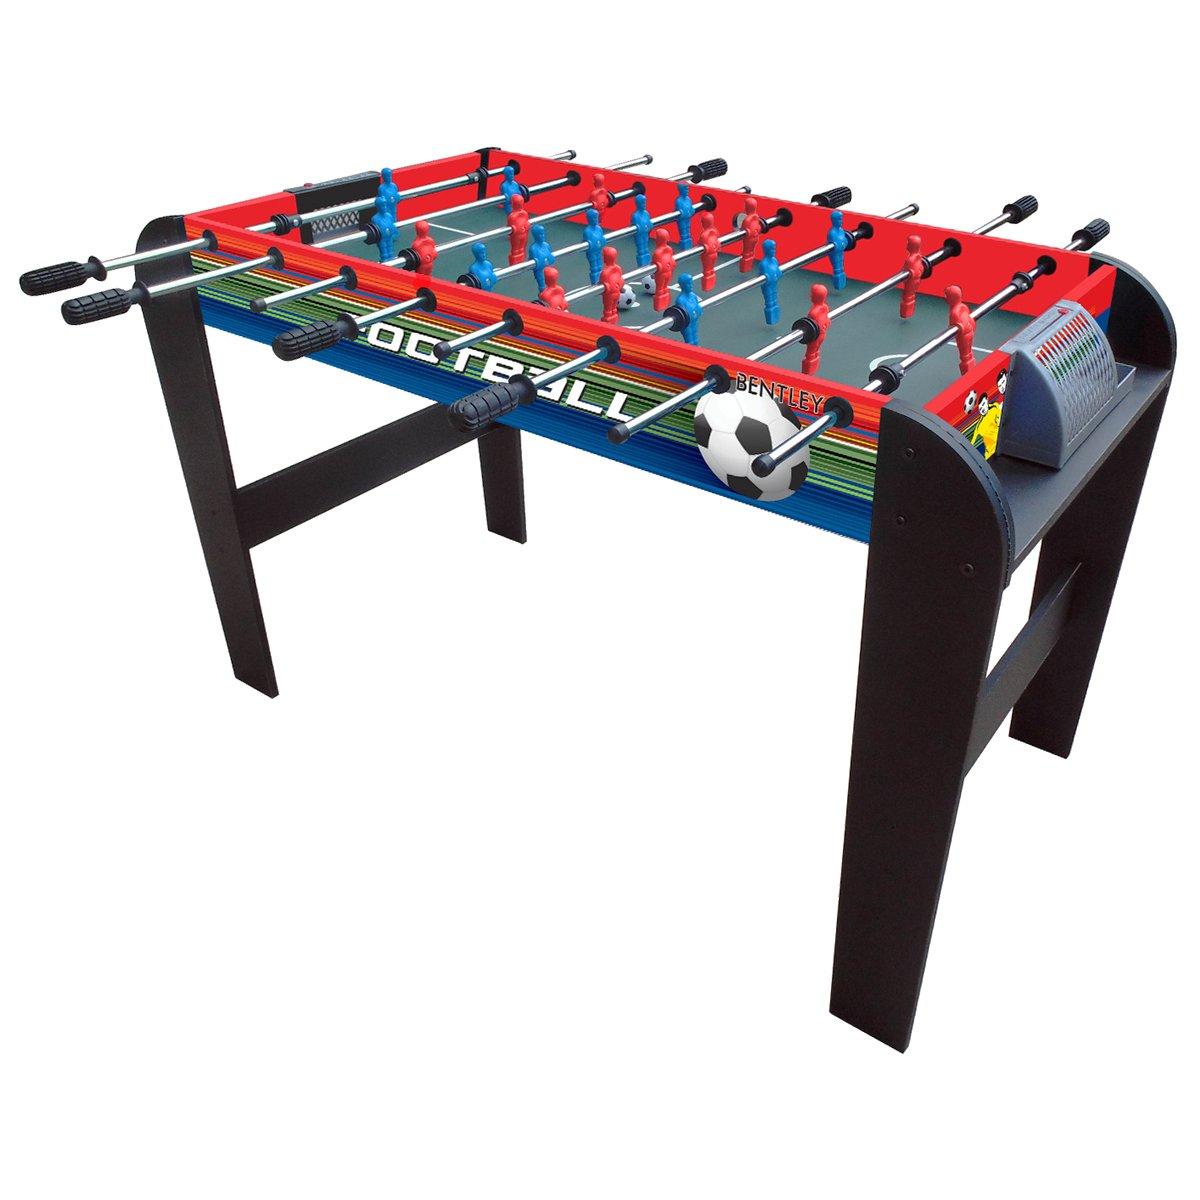 Tischfußball-Spiel/Kicker – 1,2 m jetzt kaufen